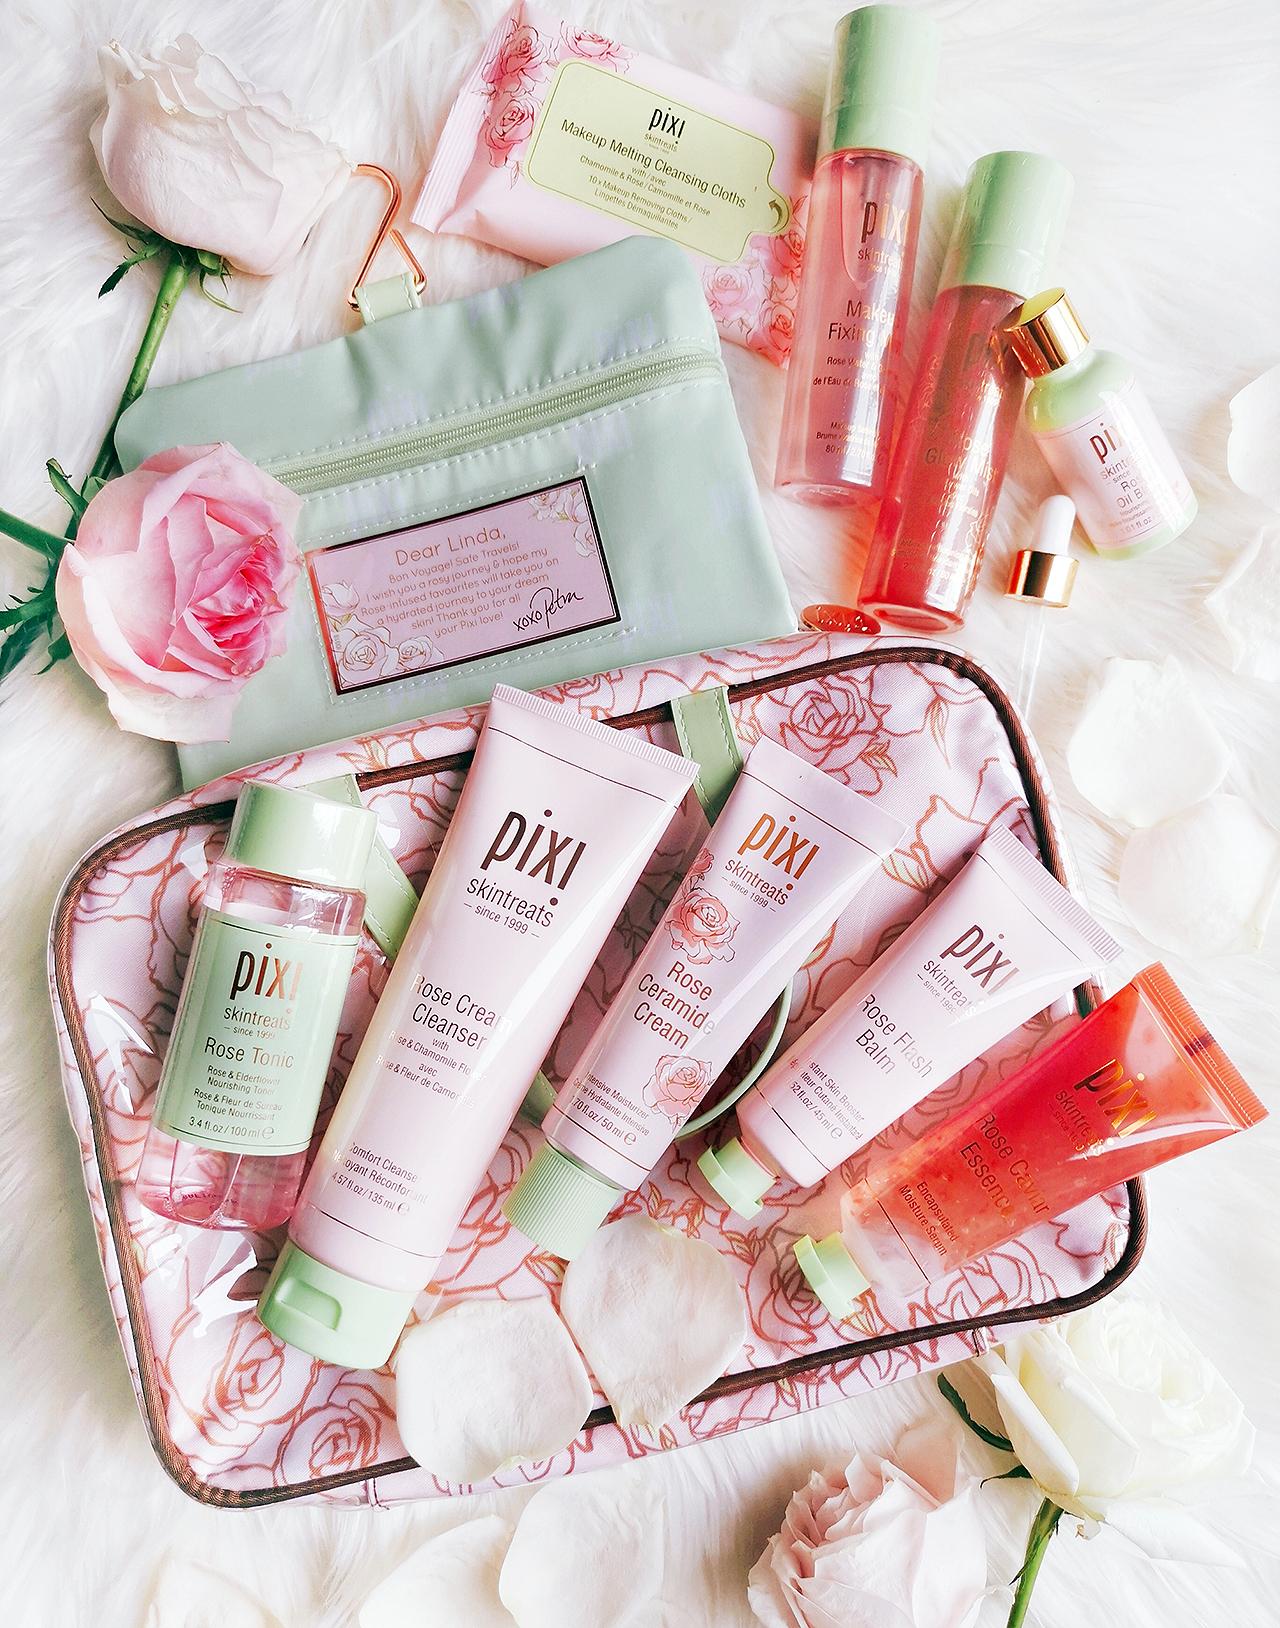 Pixi Rose Skincare range